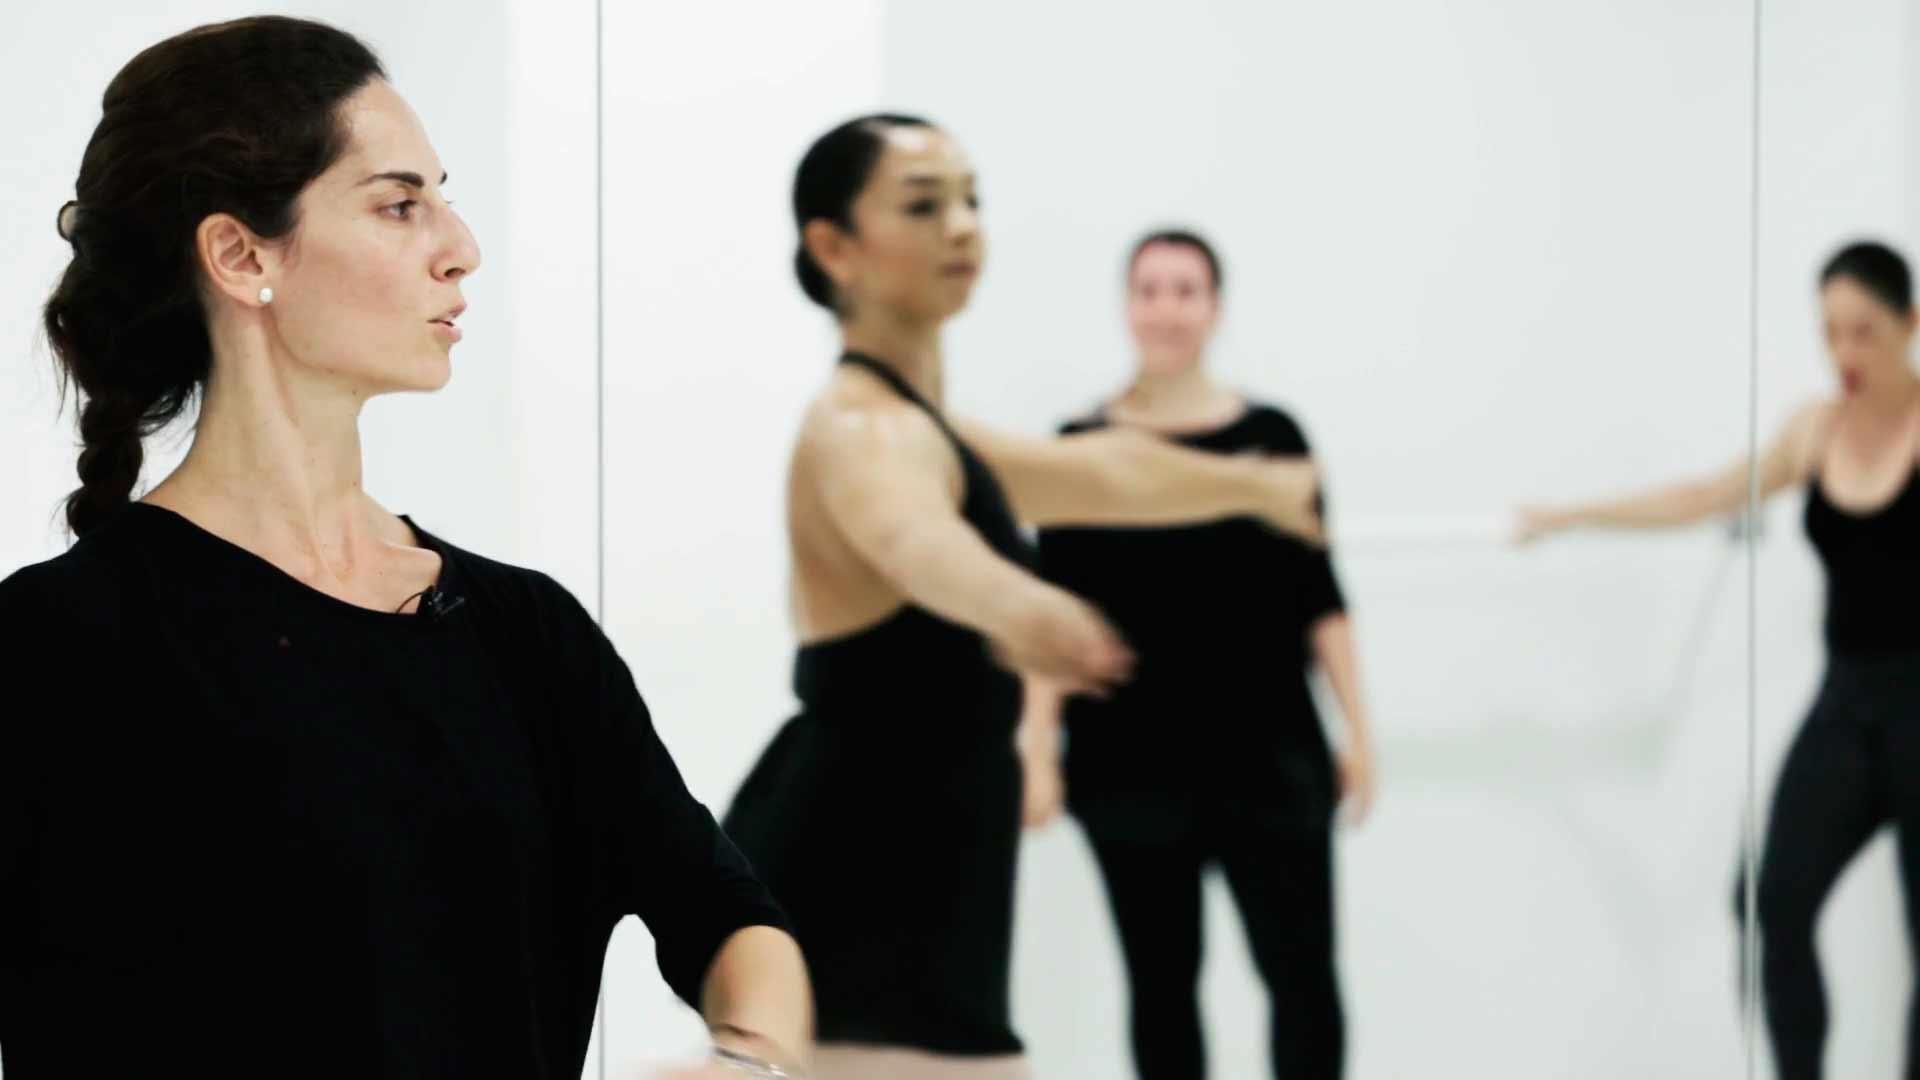 Clases de ballet en Sevilla Flamenco Danza (9)